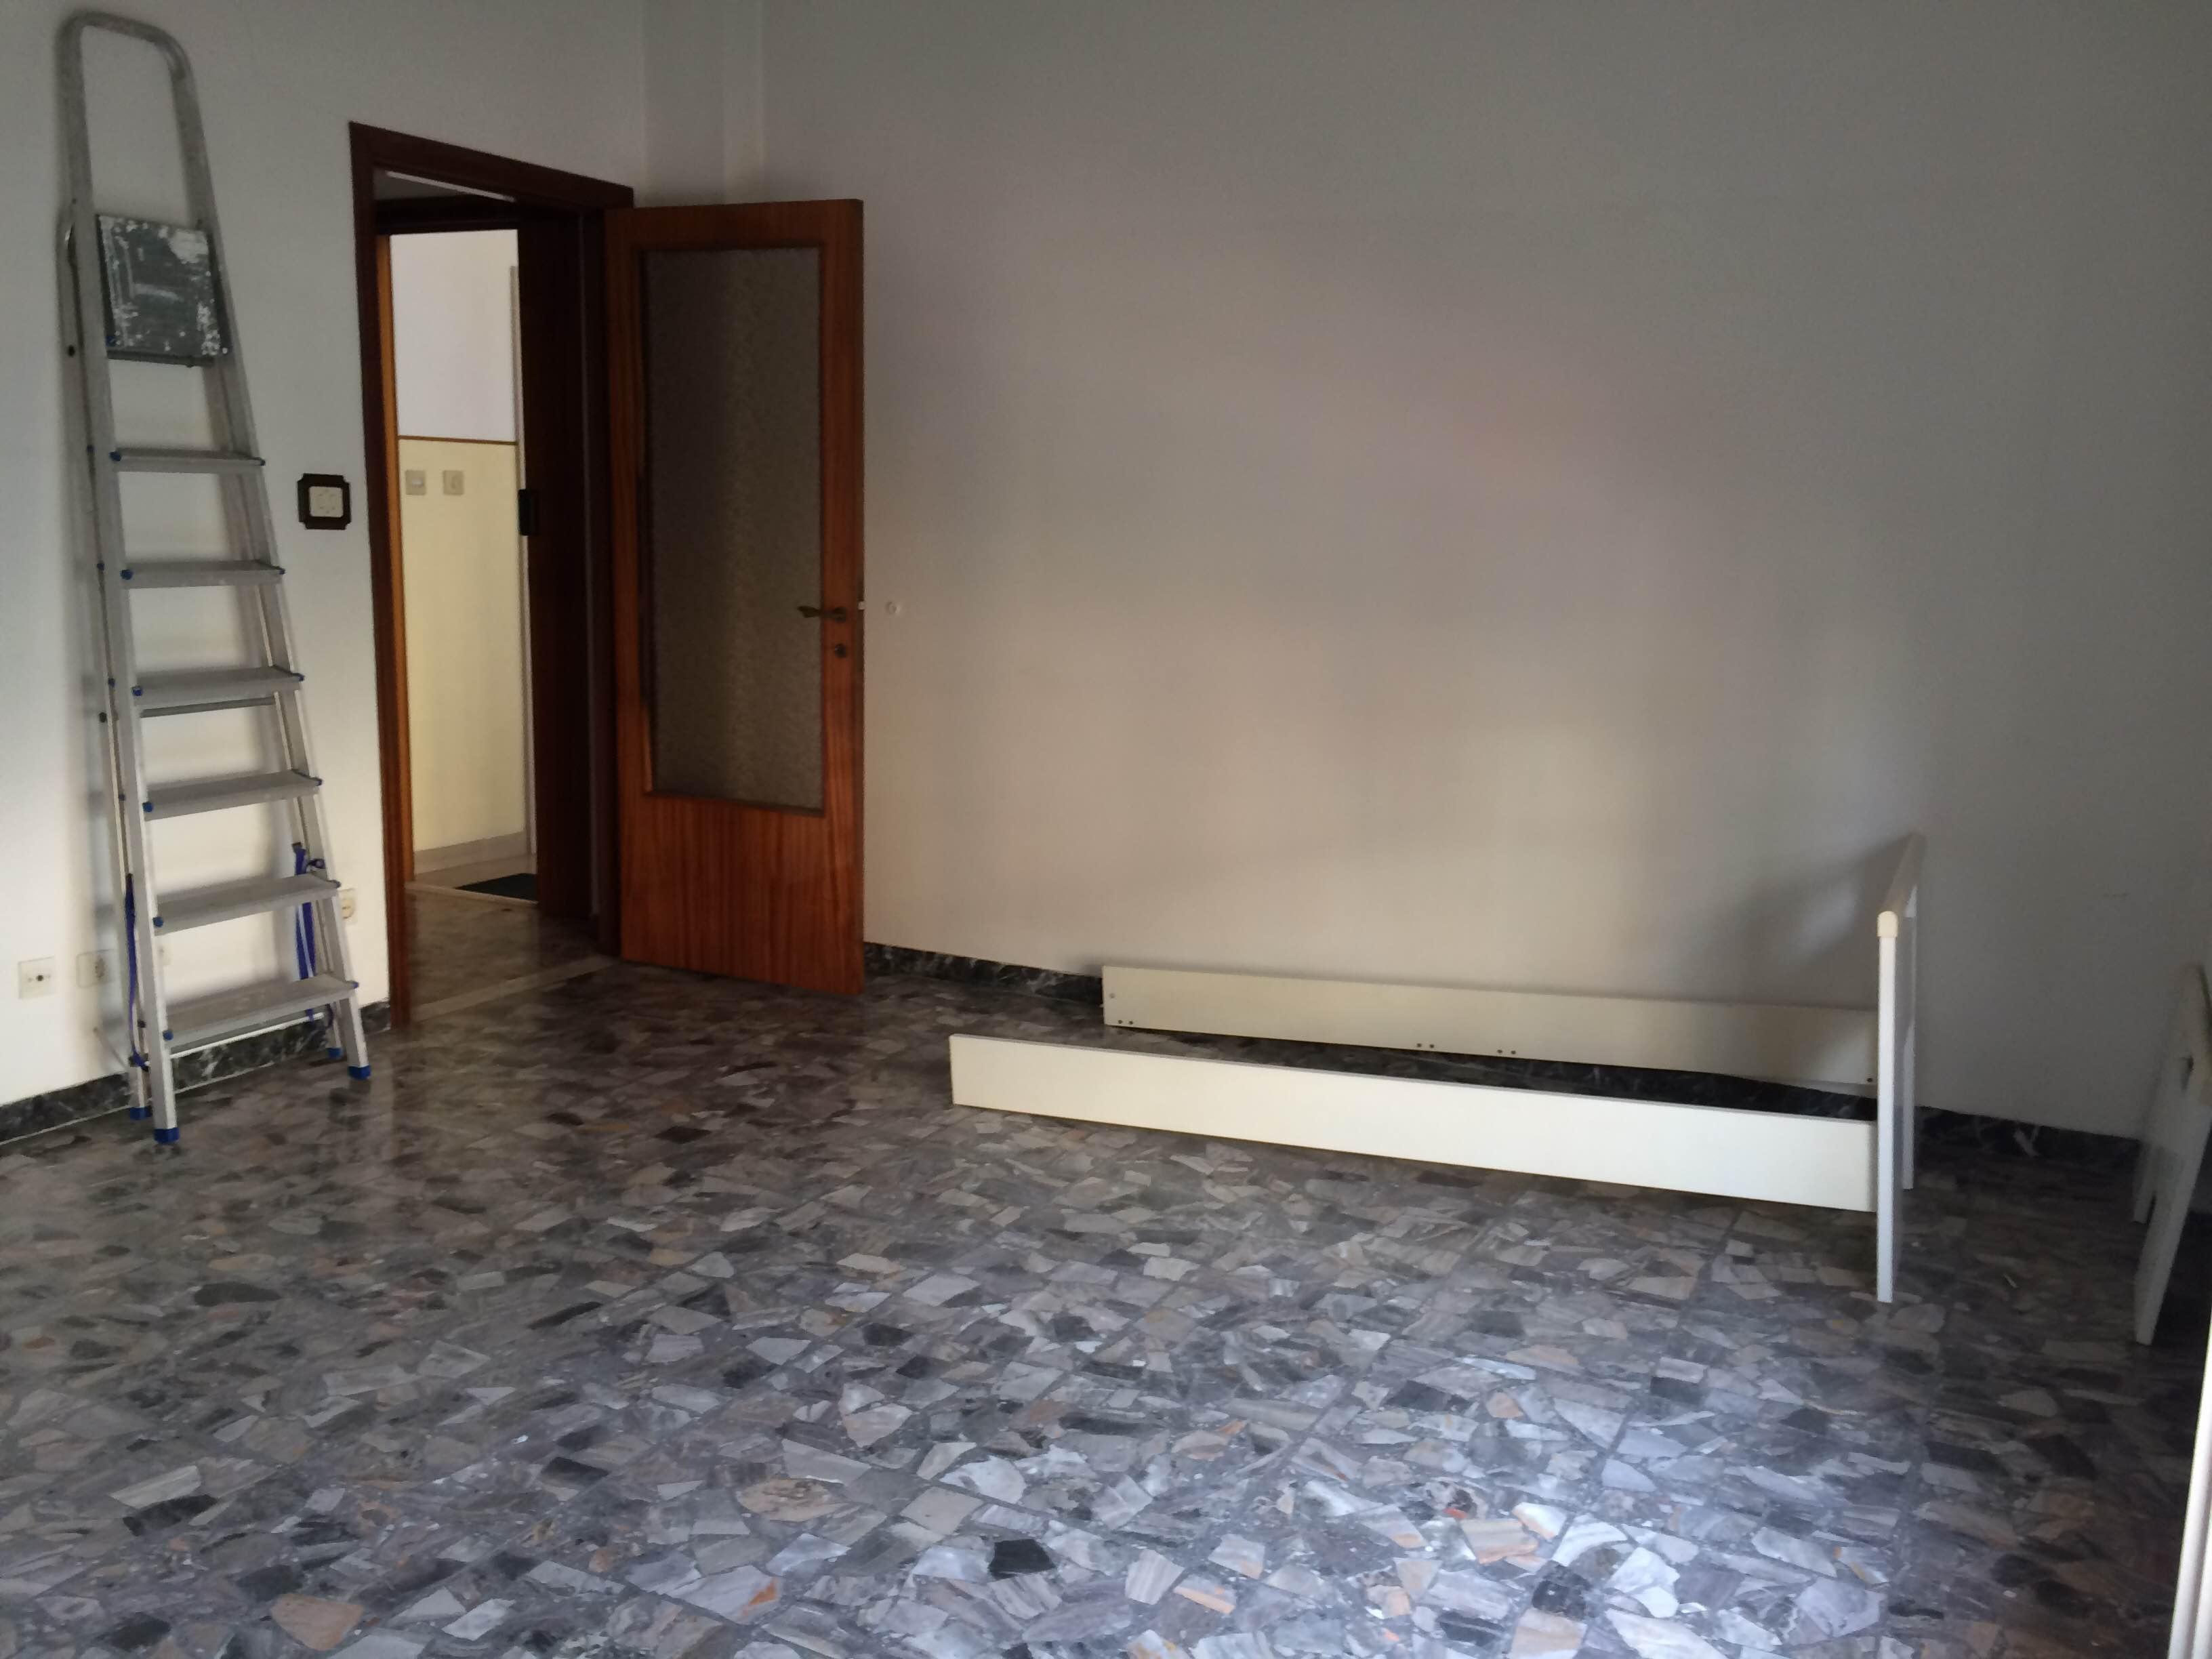 Vendita Senigallia  - Mq. 95  - euro 200000